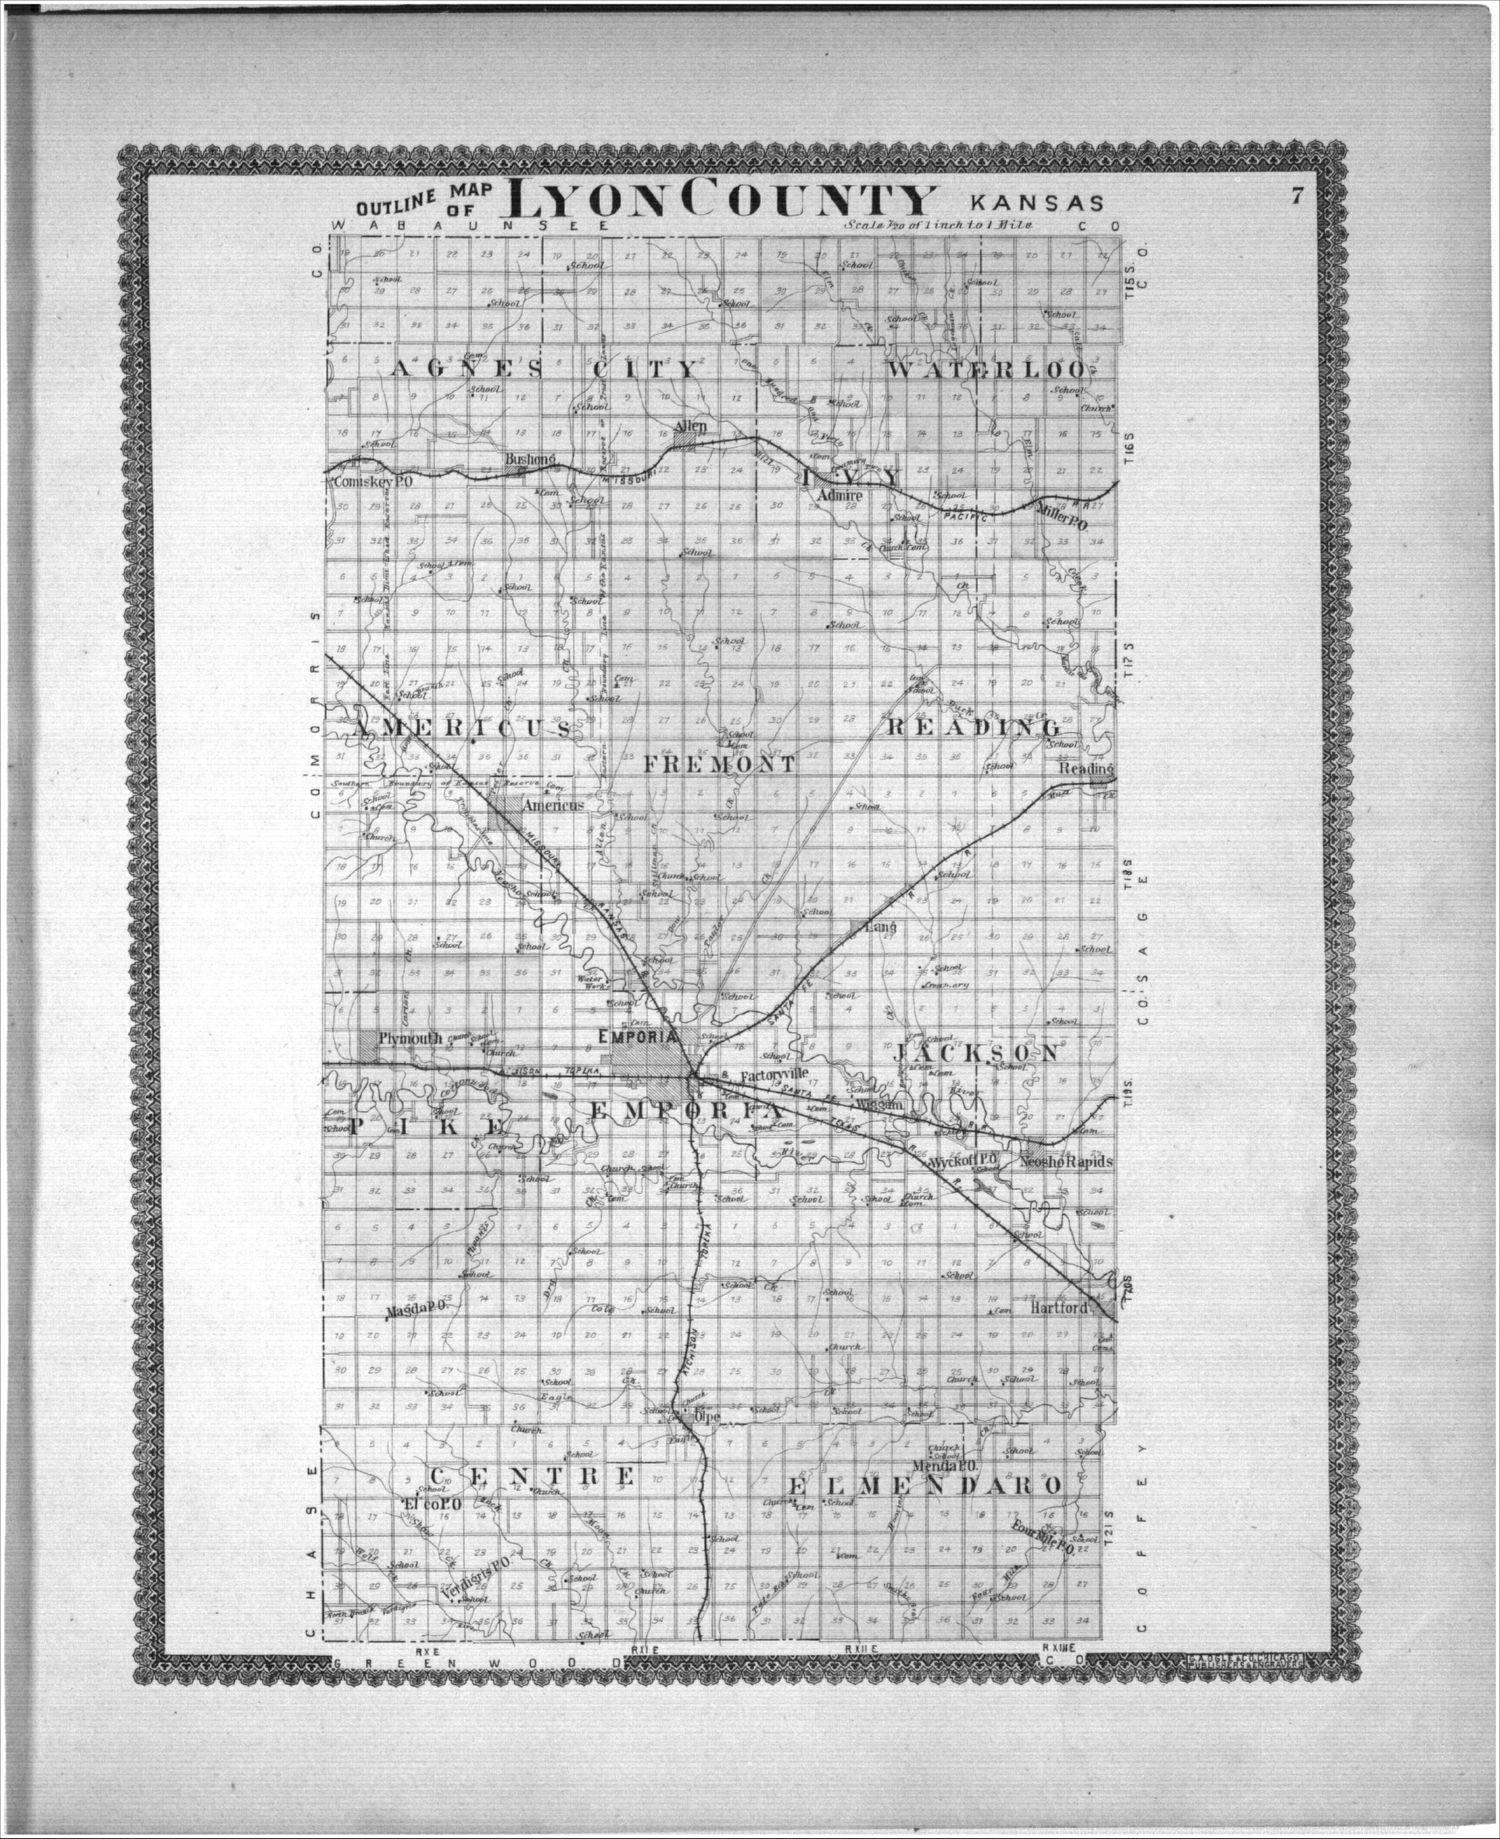 Standard atlas, Lyon County, Kansas - 7